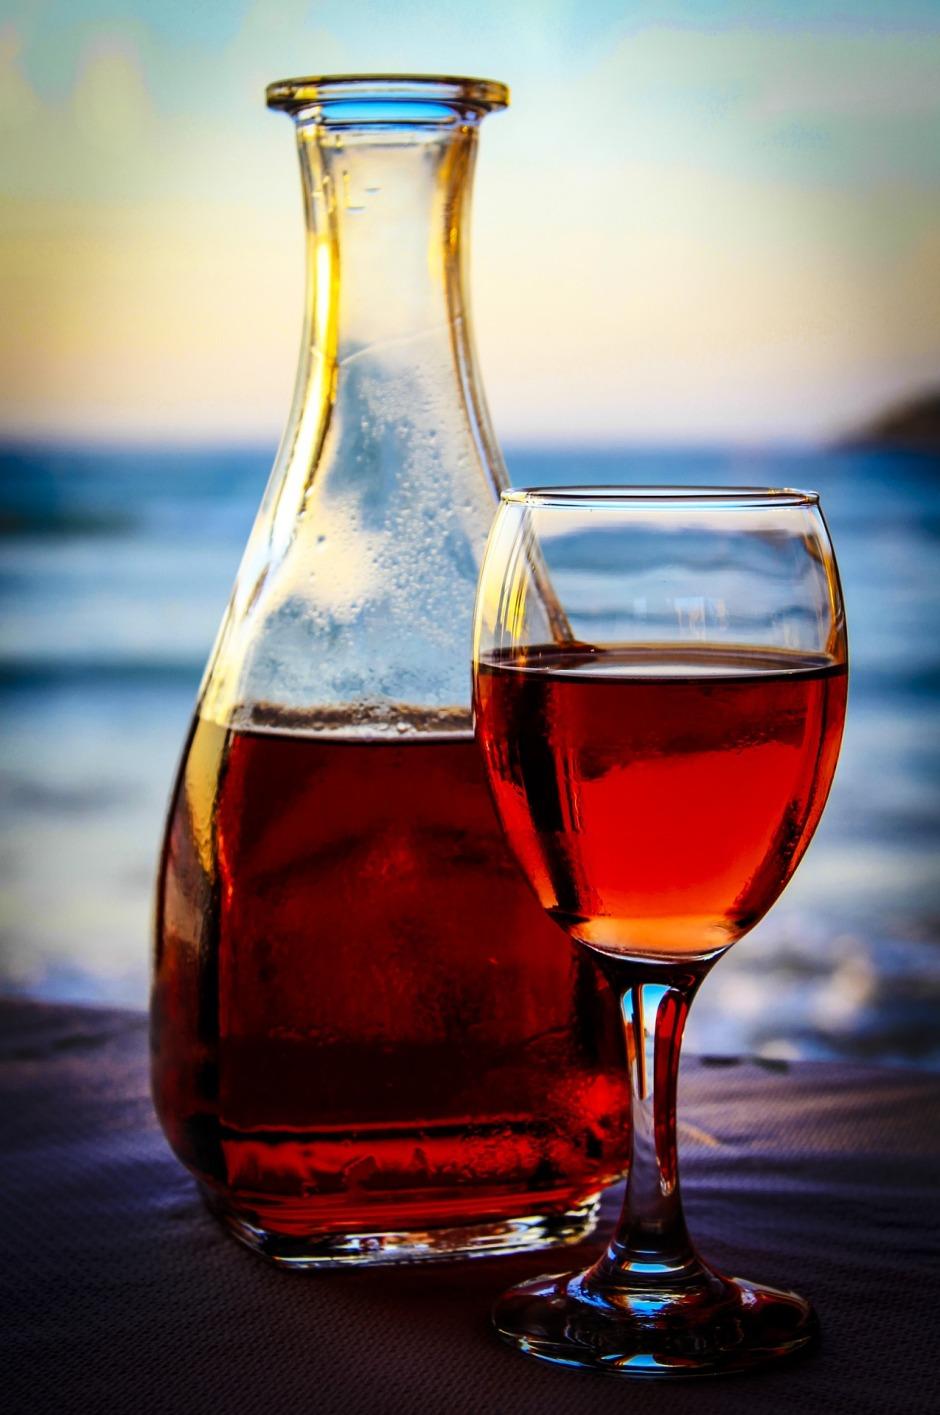 wine-1952680_1920